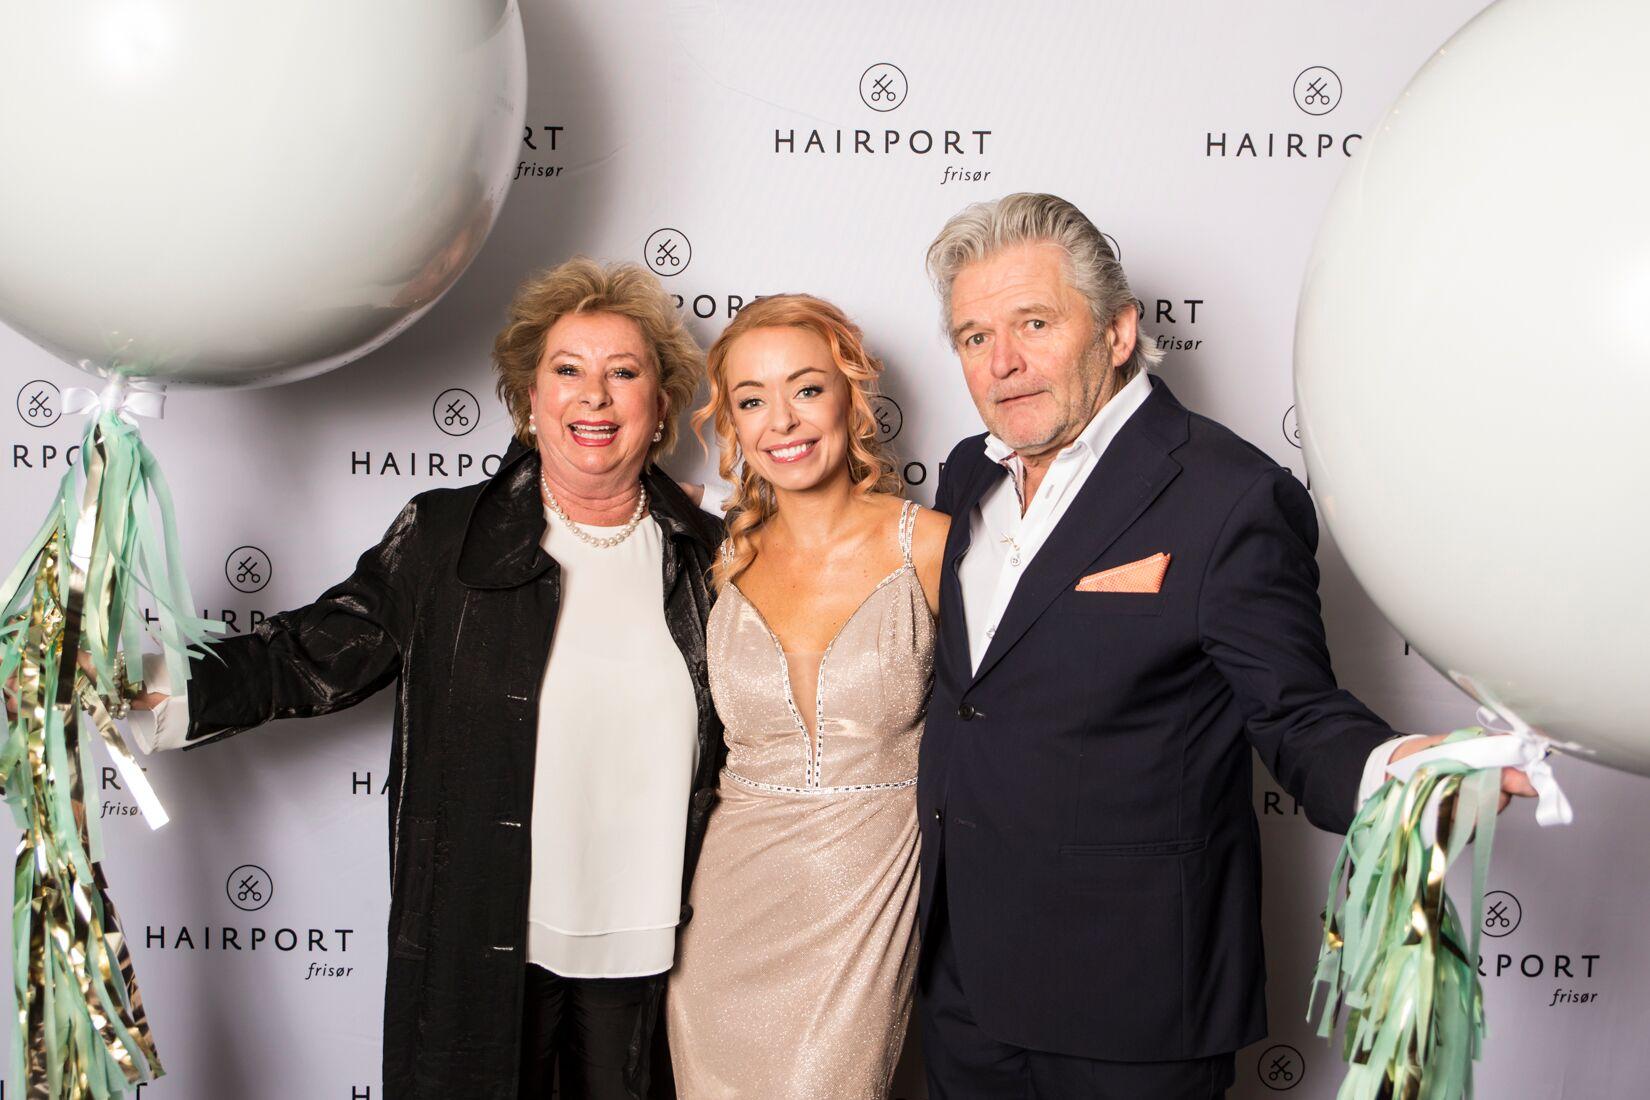 Roy H. Rismoen kan se tilbake på en karriere med mange bragder. Her fra Hairport Frisørs årsfest, her sammen med sin kone og datteren Tina Rismoen, som er kjedens kreative leder i dag.  Foto: Alva Thylen